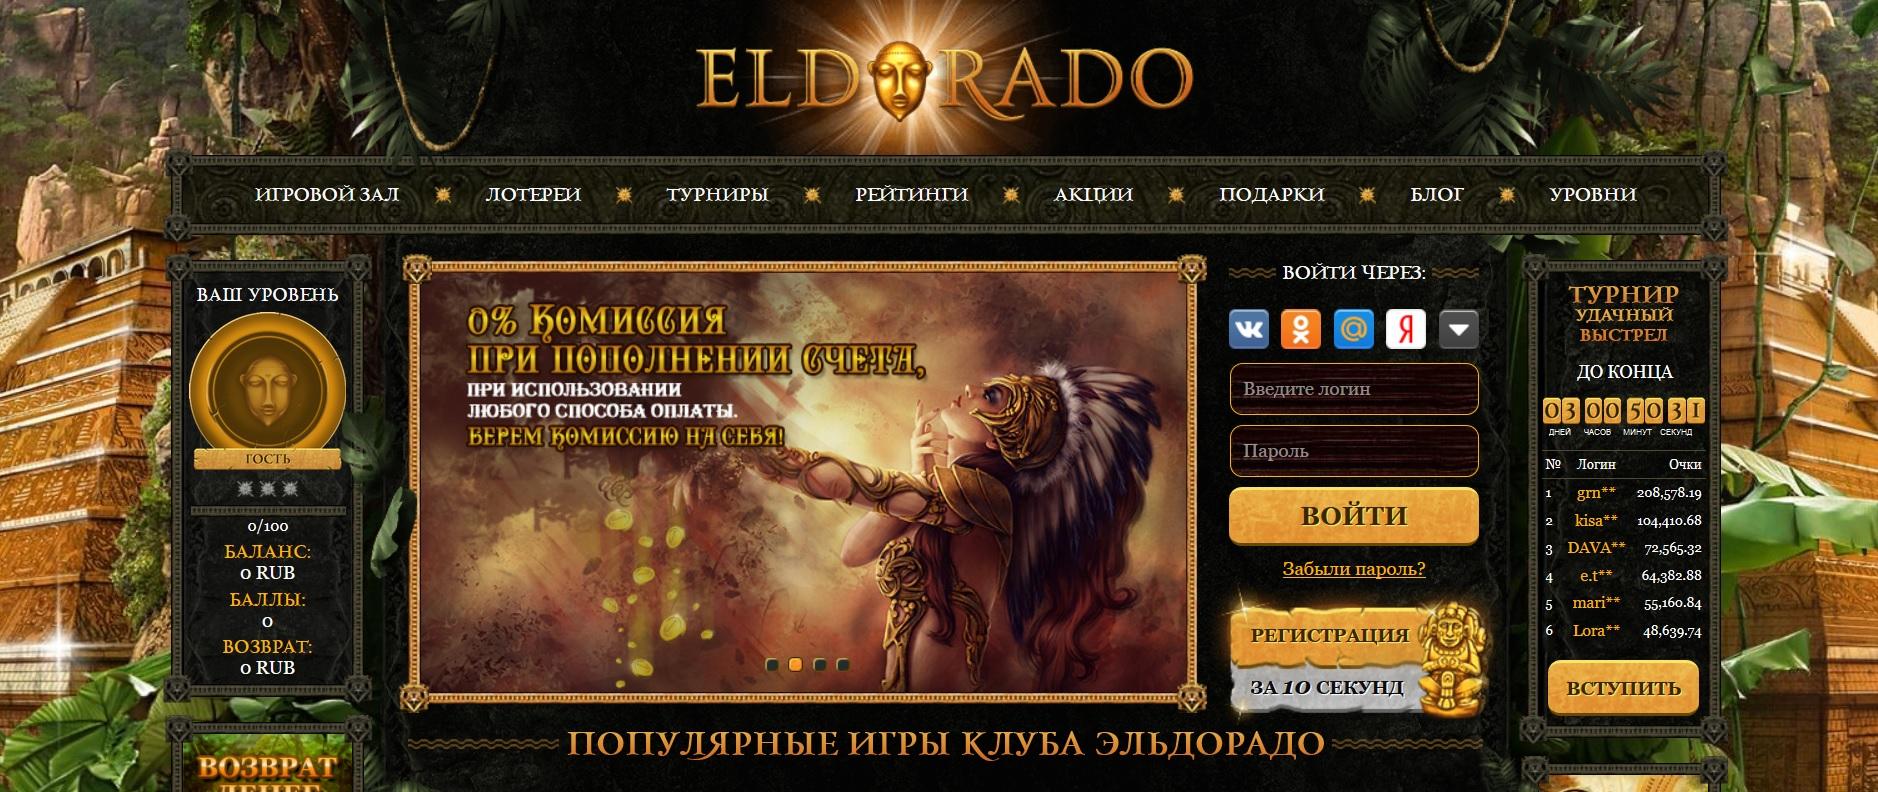 официальный сайт промокоды казино 2018 эльдорадо